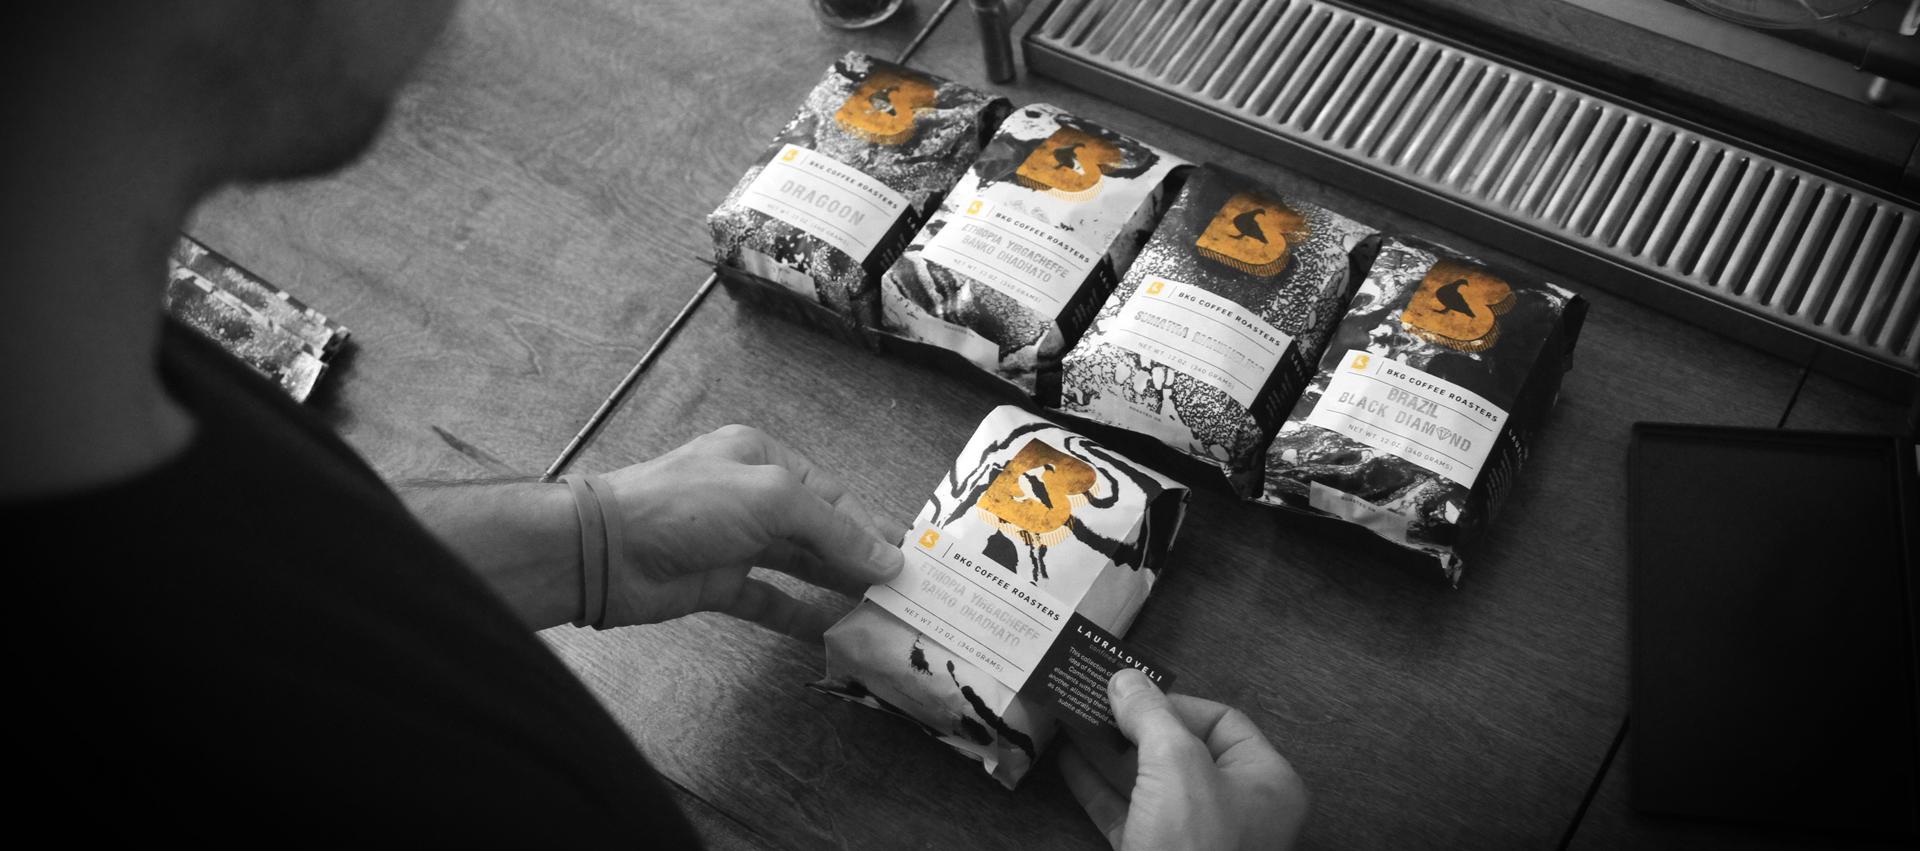 DANG_BKG_bags_labeling